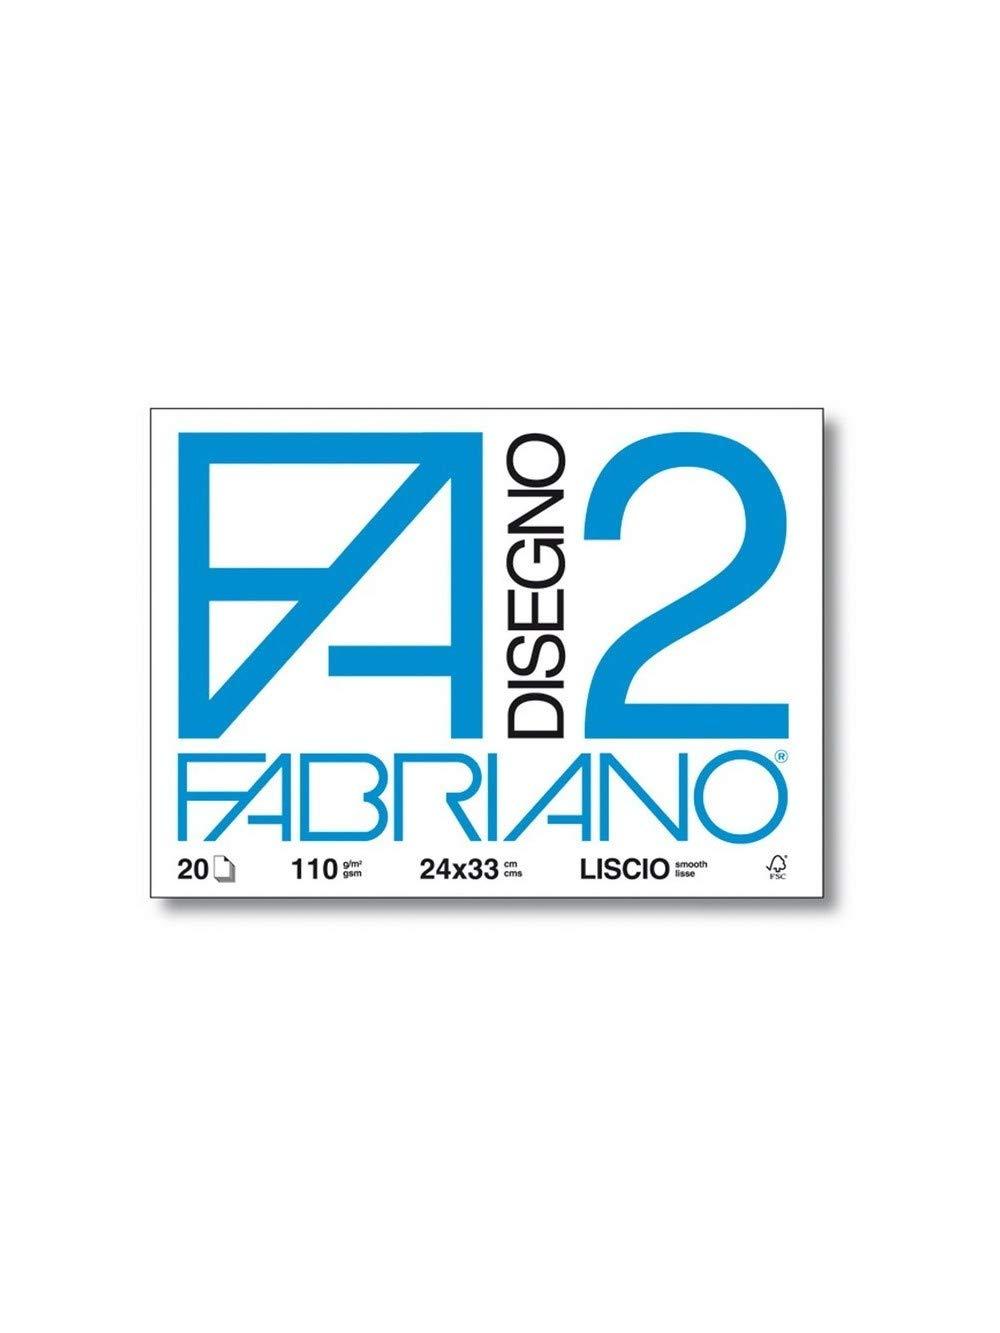 Fabriano F2 06201534, Album da Disegno, Formato 33 x 48 cm, Fogli Lisci Riquadrati, Grammatura 110gr/m2, 12 Fogli 437553